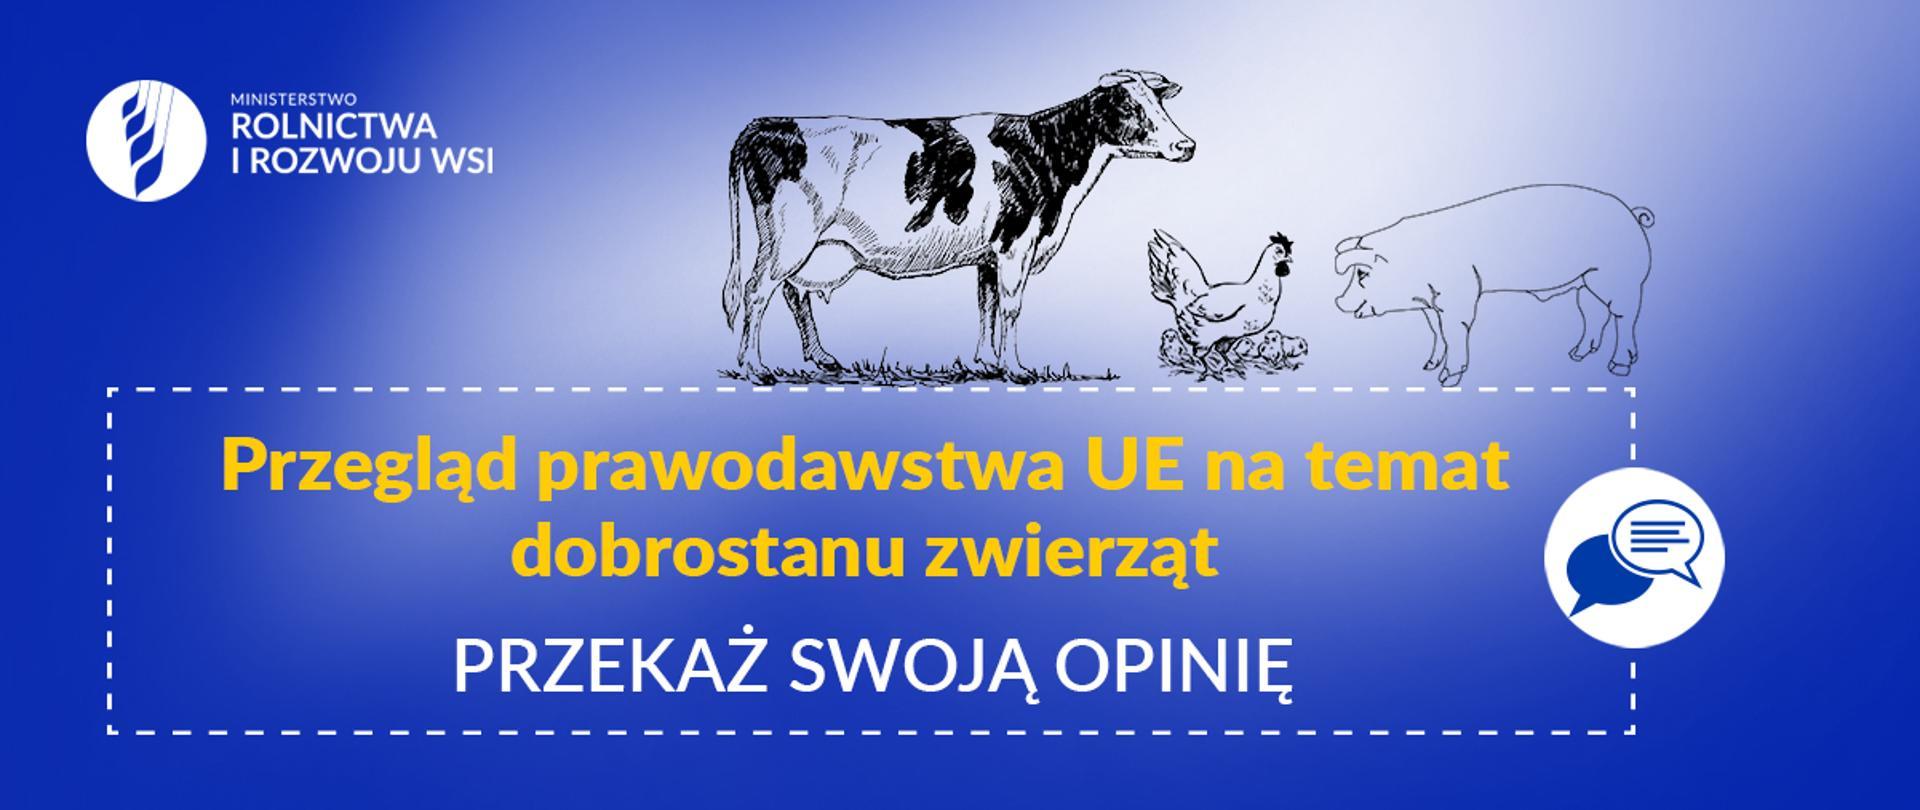 Przegląd prawodawstwa UE nt. dobrostanu zwierząt – przekaż swoją opinię